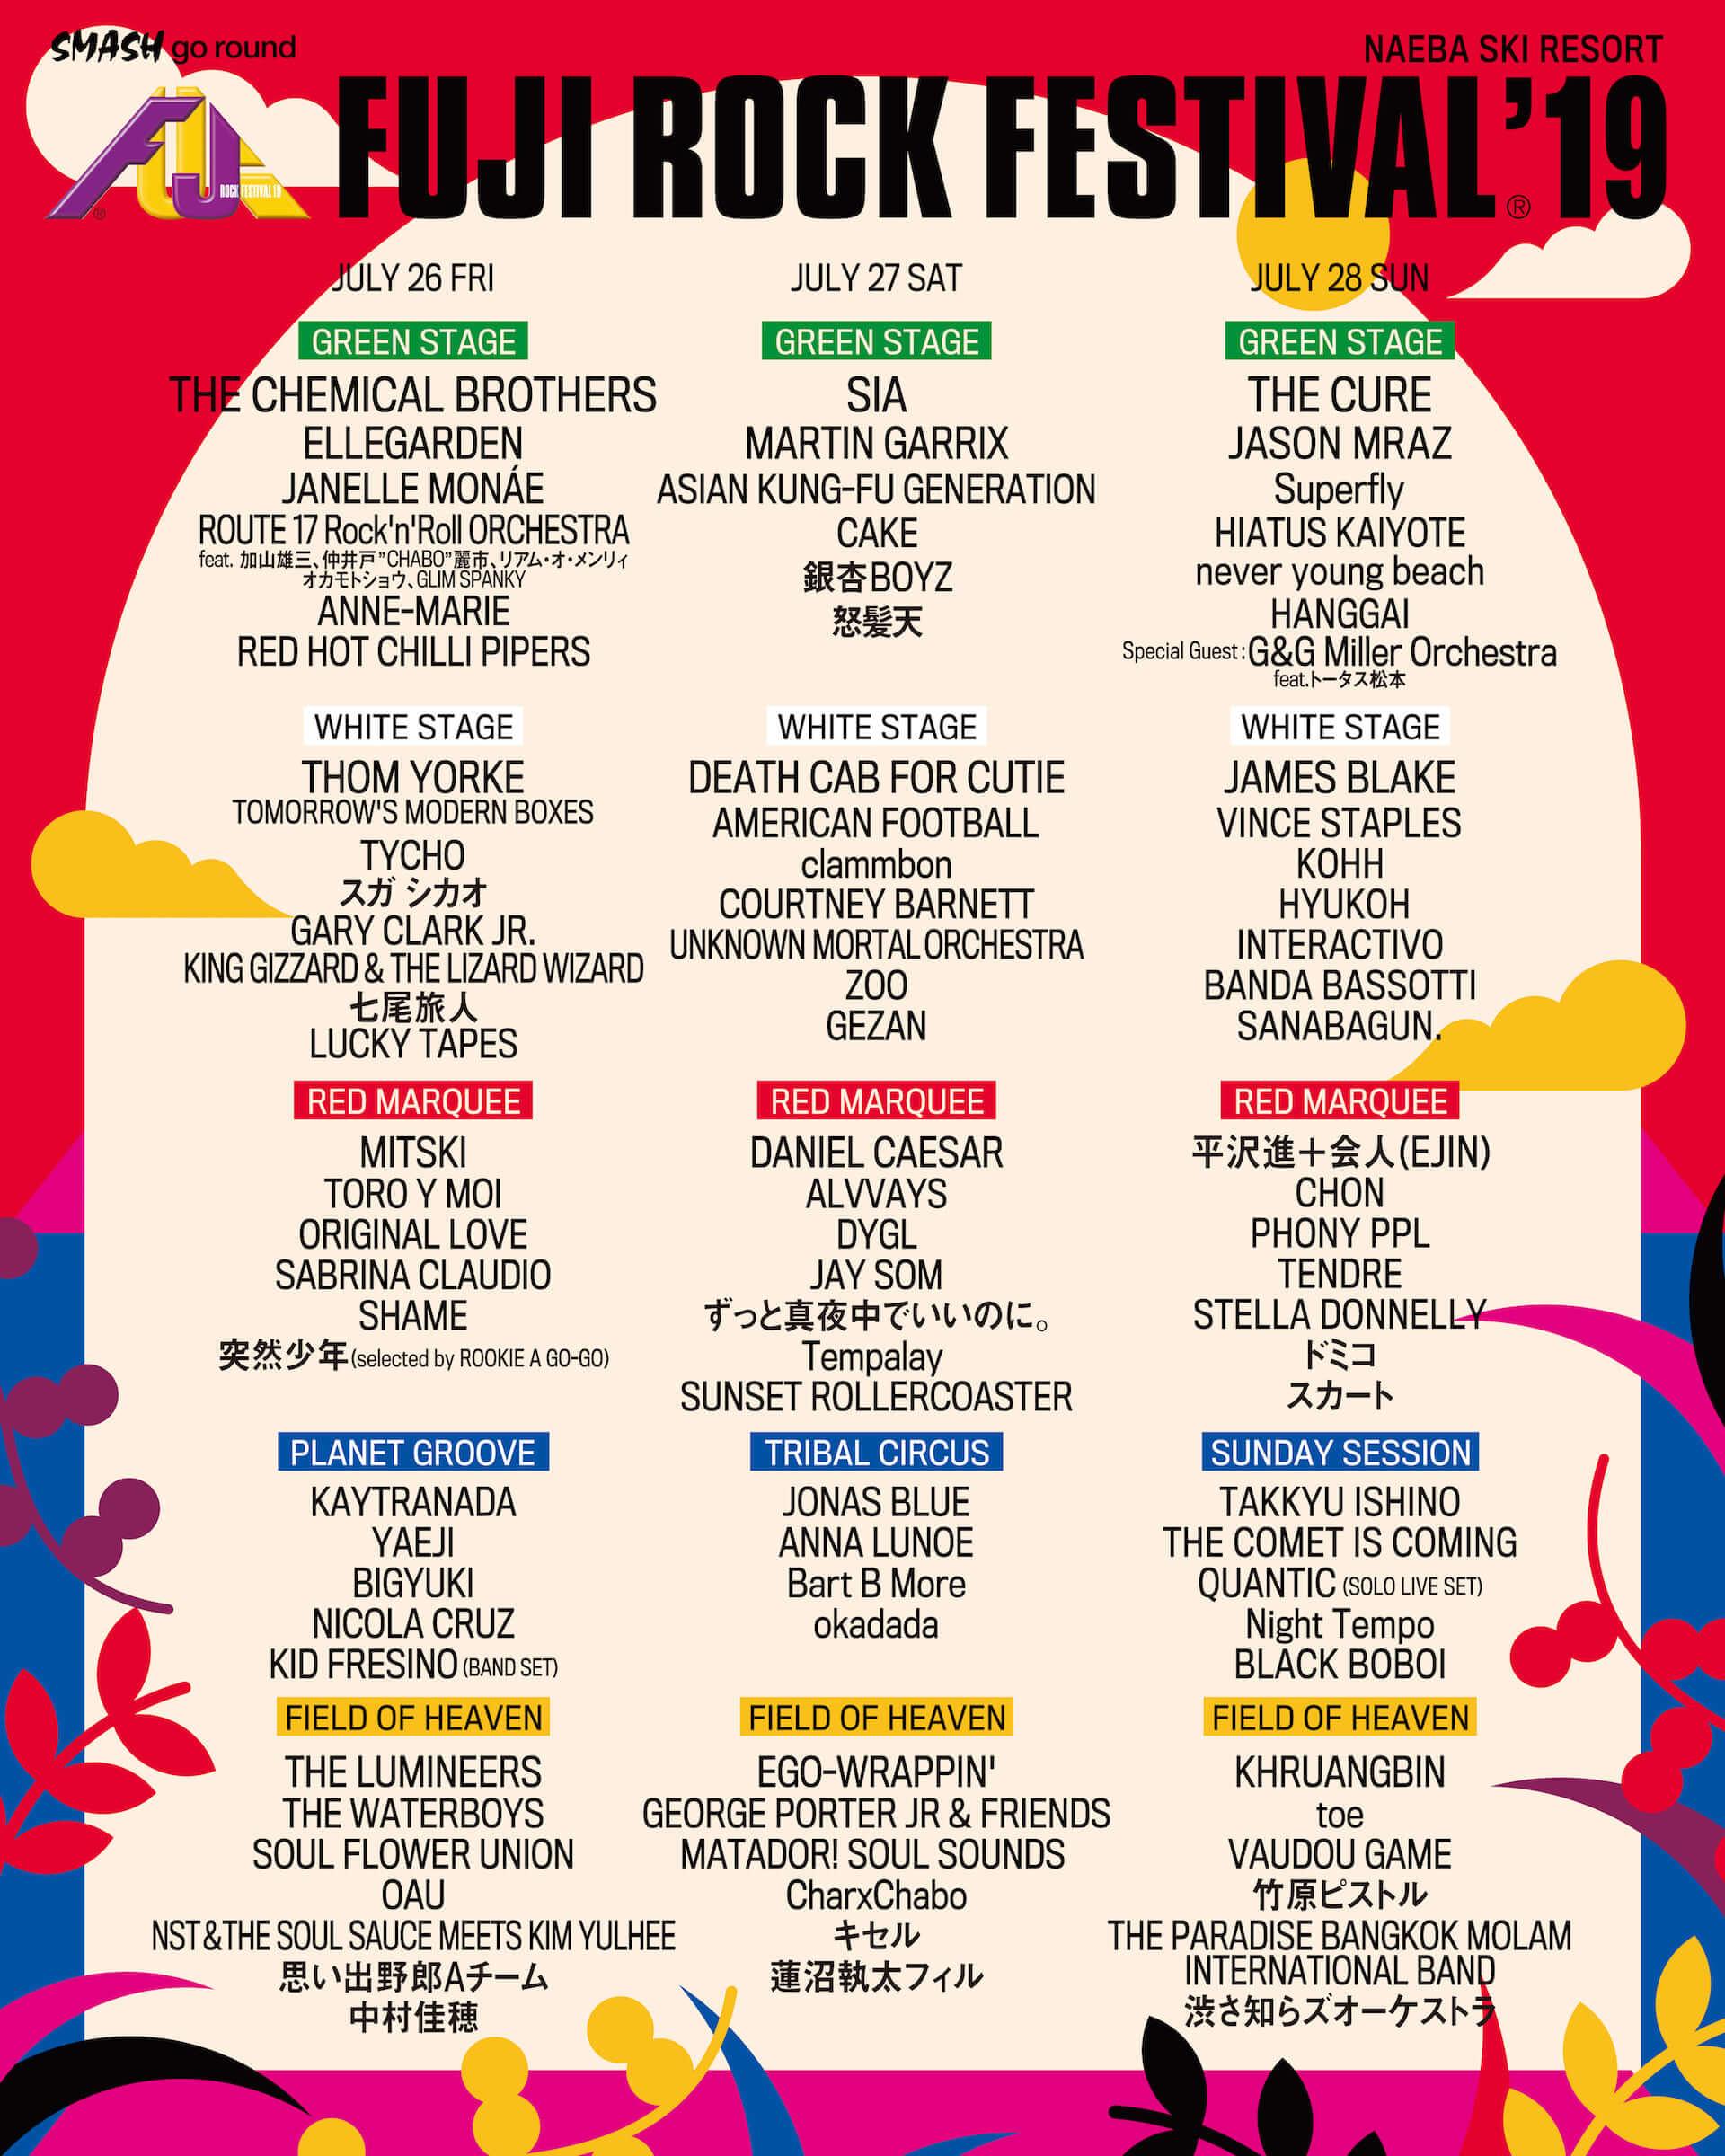 今年の<フジロック>YouTube配信アーティストがついに発表!SIA、The Cure、James Blake、Vince Staplesなど40組 music190718_fujirockfestival_youtube_1-1920x2400